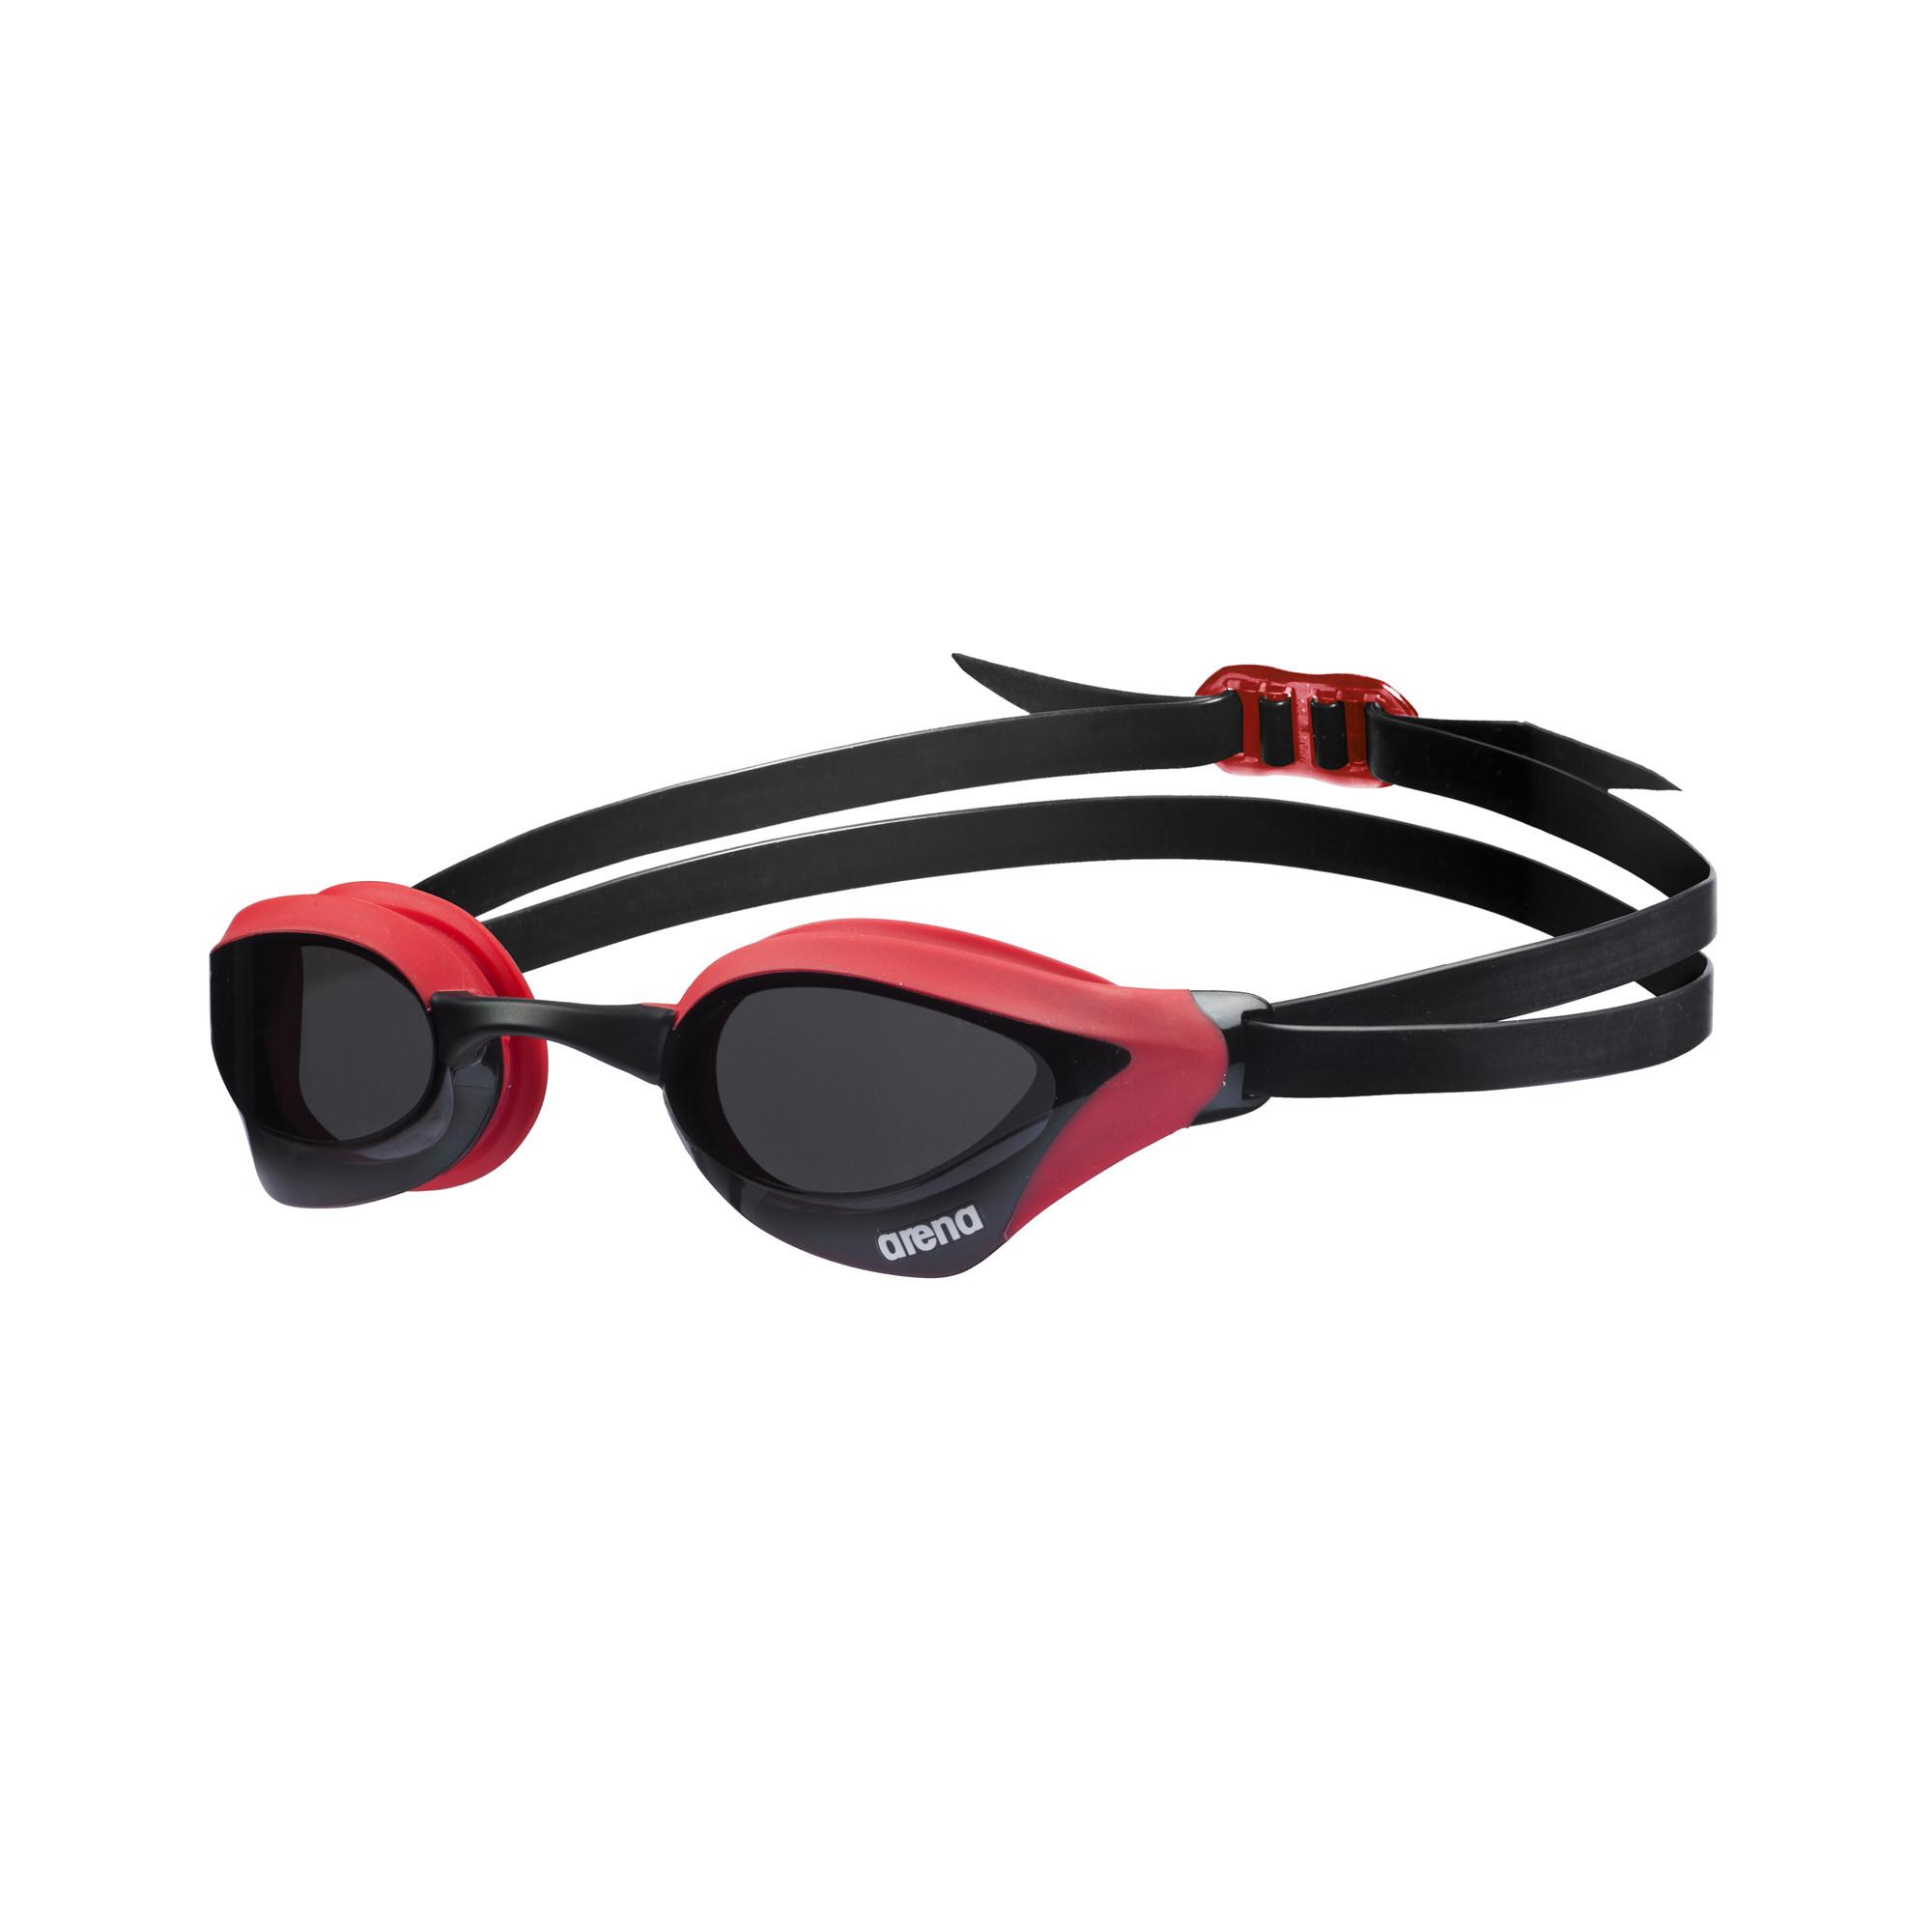 e9357834b4 Cobra Ultra Swipe Mirror Goggles | Any | Mirror, Mirrored sunglasses ...